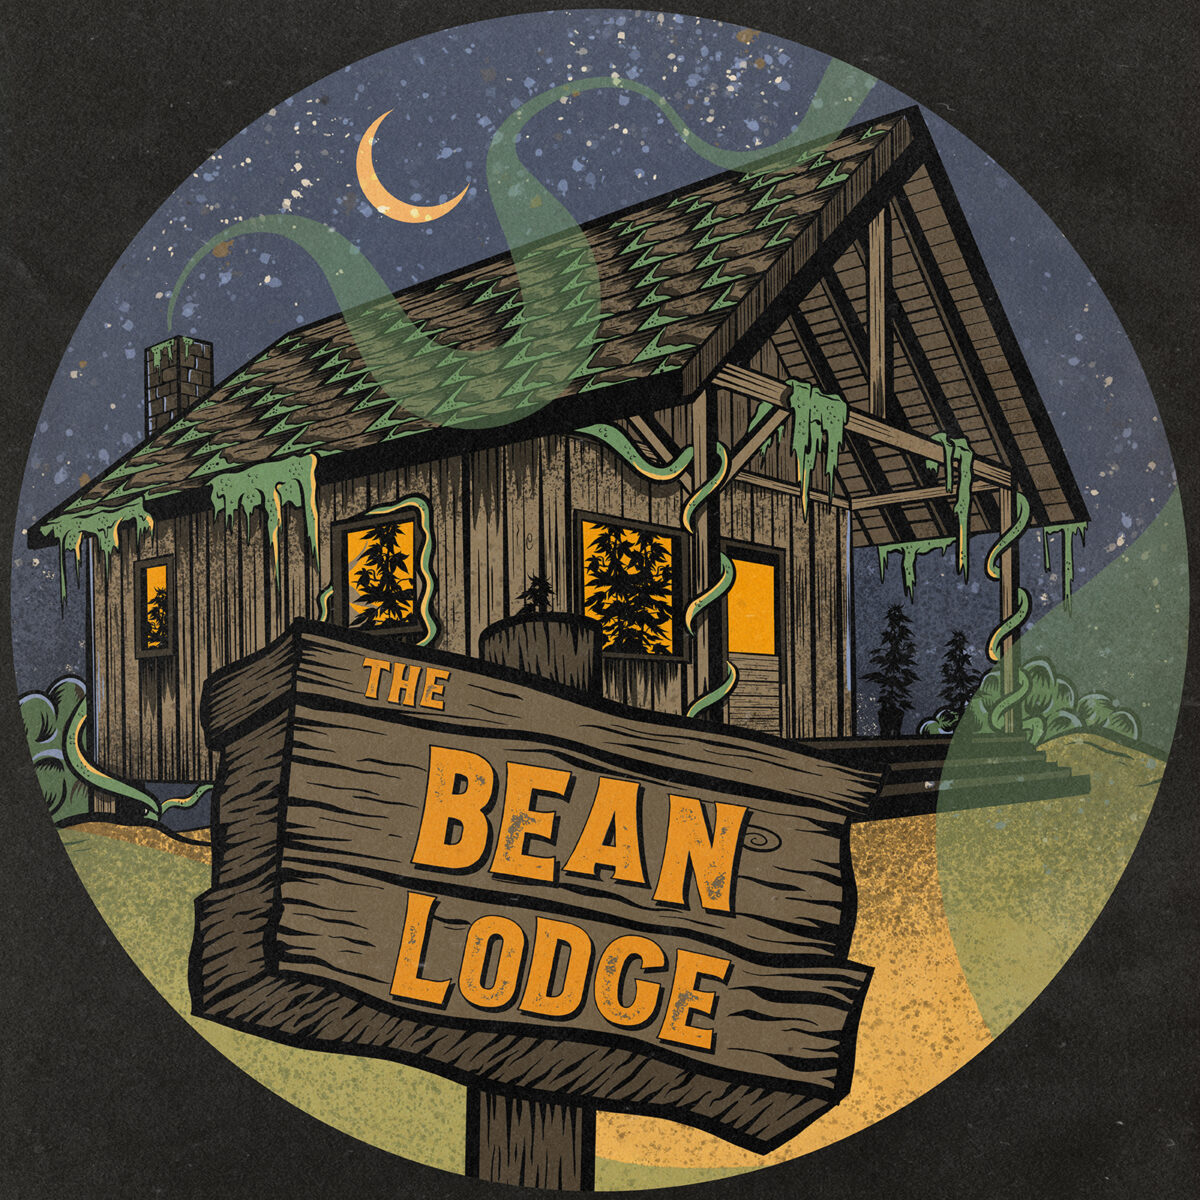 The Bean Lodge